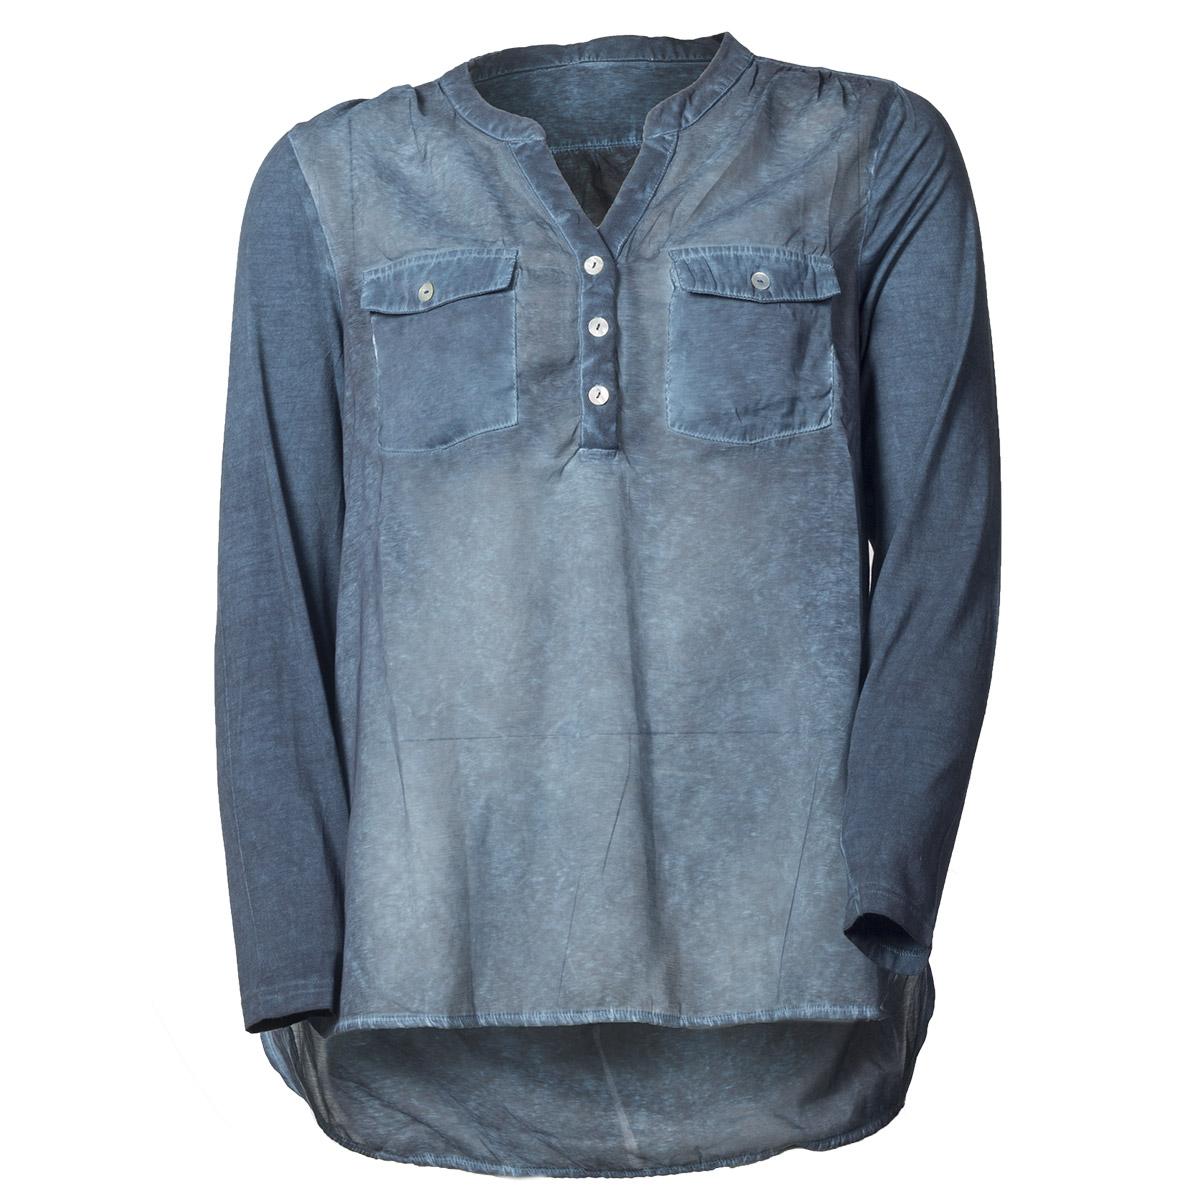 Blå skjorte fra DeLuca